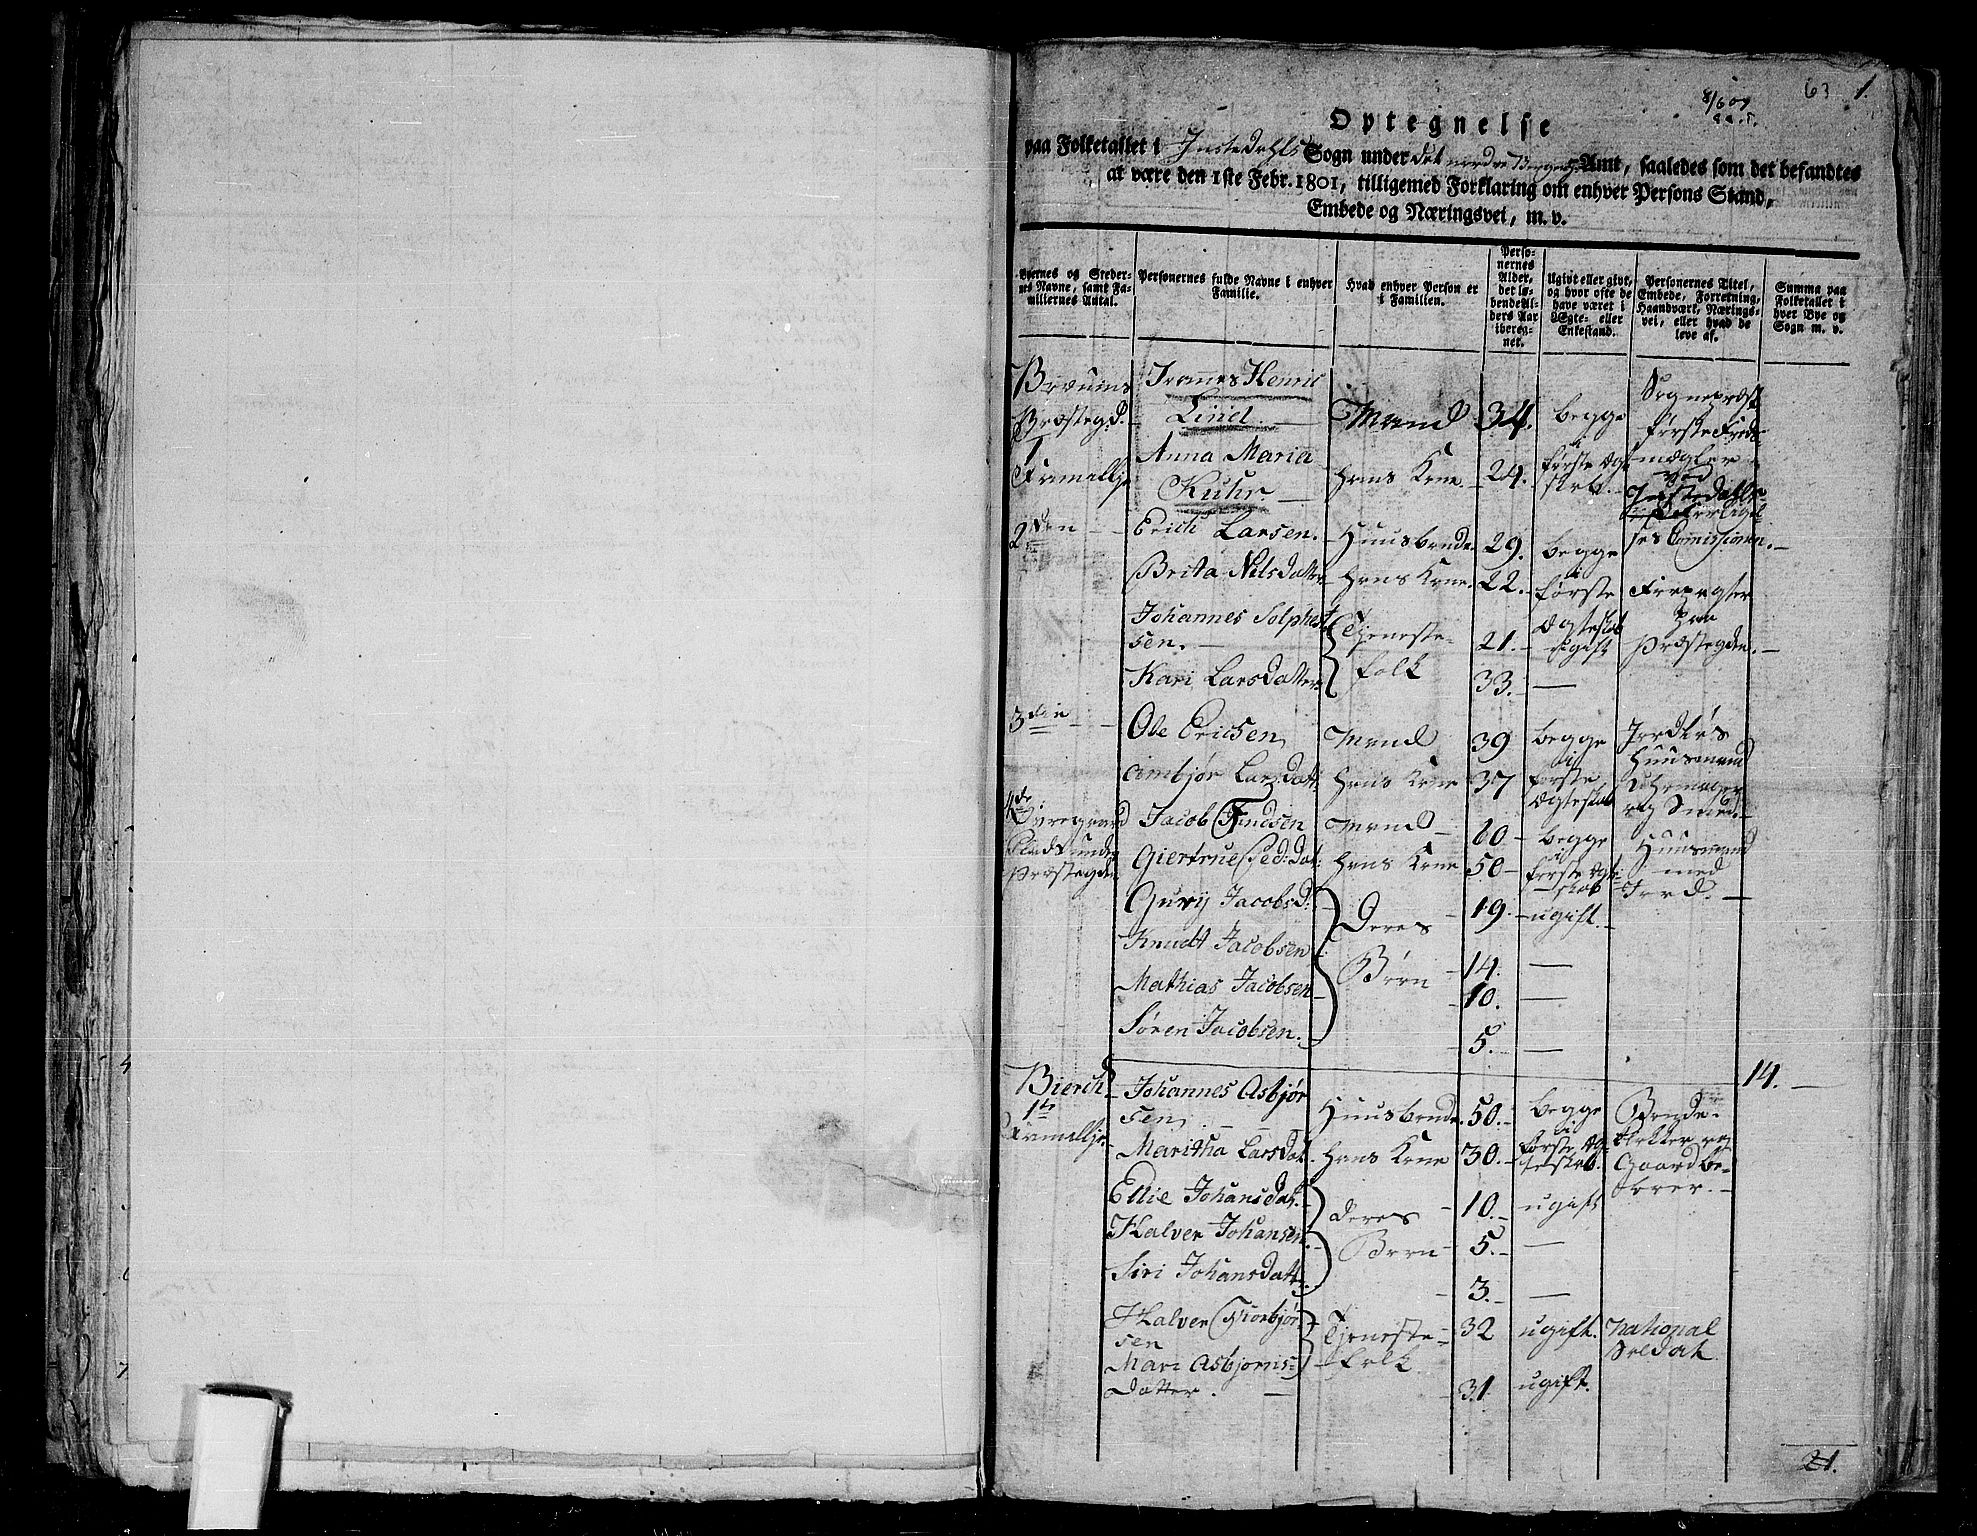 RA, Folketelling 1801 for 1427P Jostedal prestegjeld, 1801, s. 62b-63a